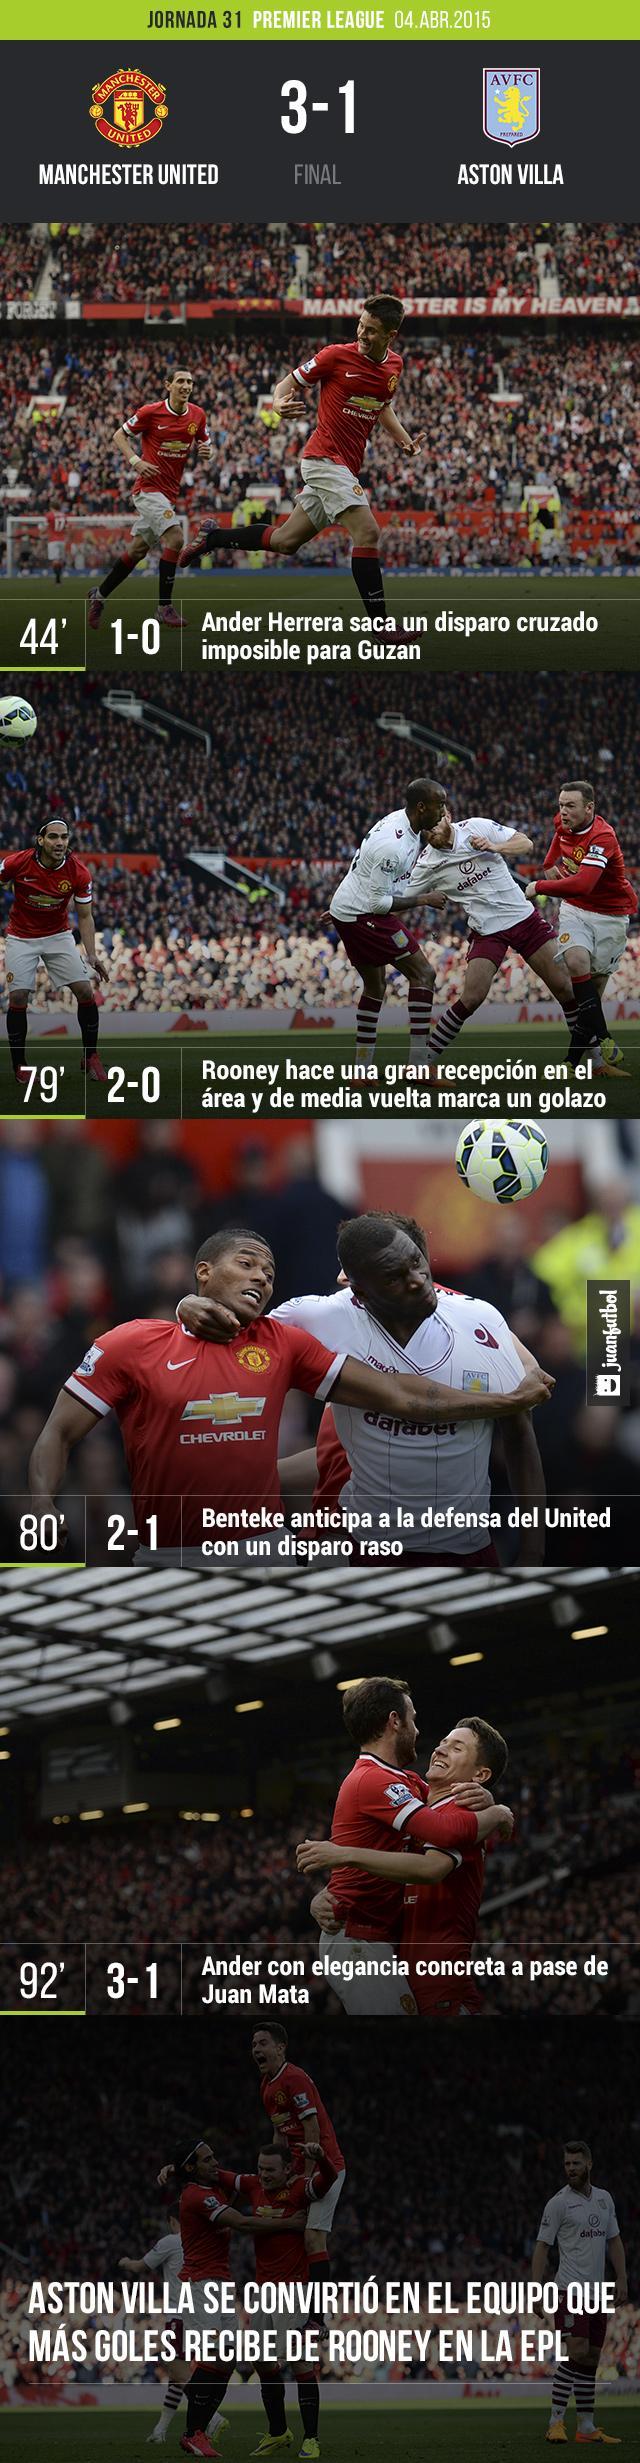 Manchester United vence al Aston Villa con doblete de Ander Herrera y un golazo de Rooney, mientras por el Aston Villa descontó Benteke